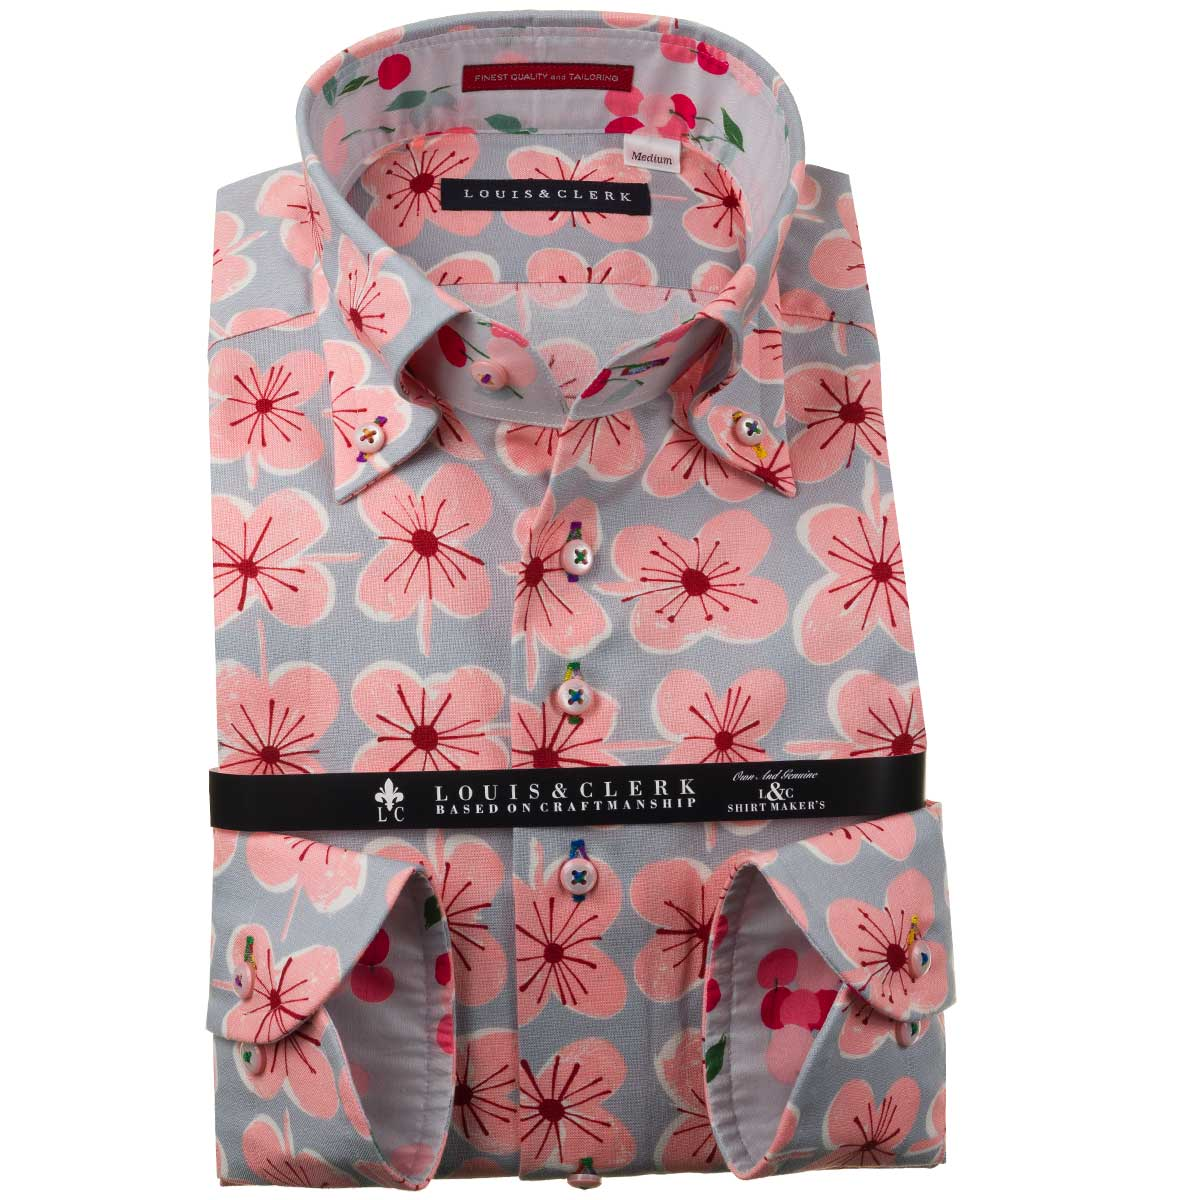 クローバーのような不思議な花柄シャツ ドレスシャツ ワイシャツ シャツ メンズ 国産 長袖 純綿100% グレー 価格 四弁花パターンプリント fs3gm 1910 爆買い送料無料 ボタンダウン コンフォート ピンク